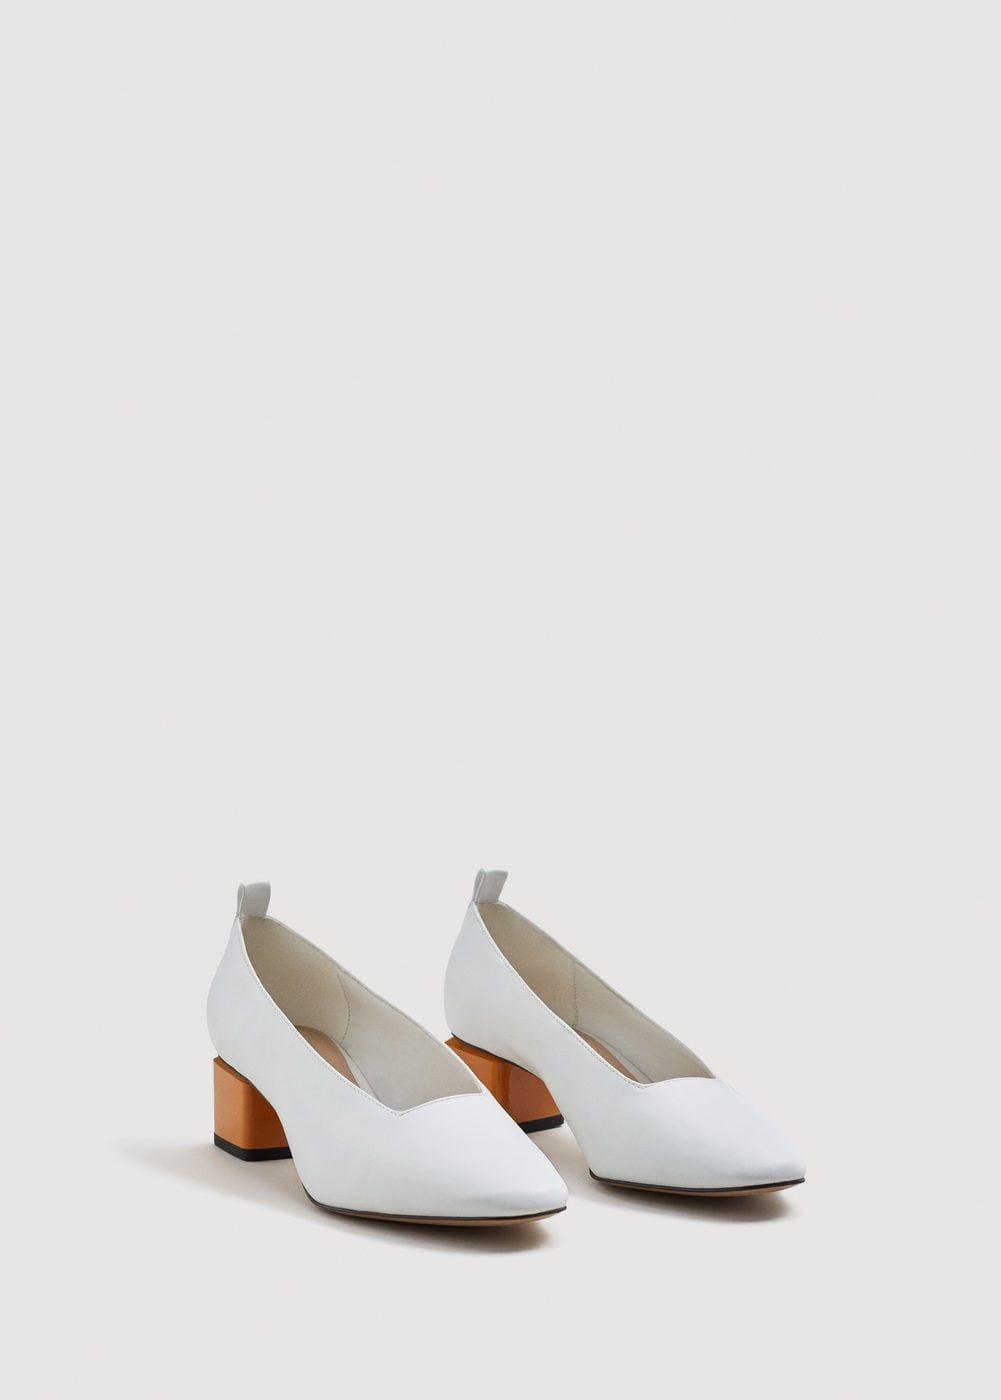 D'envies Liste Talon Pinterest Chaussures Femme À Cuir 2018 En qHfPO7x1